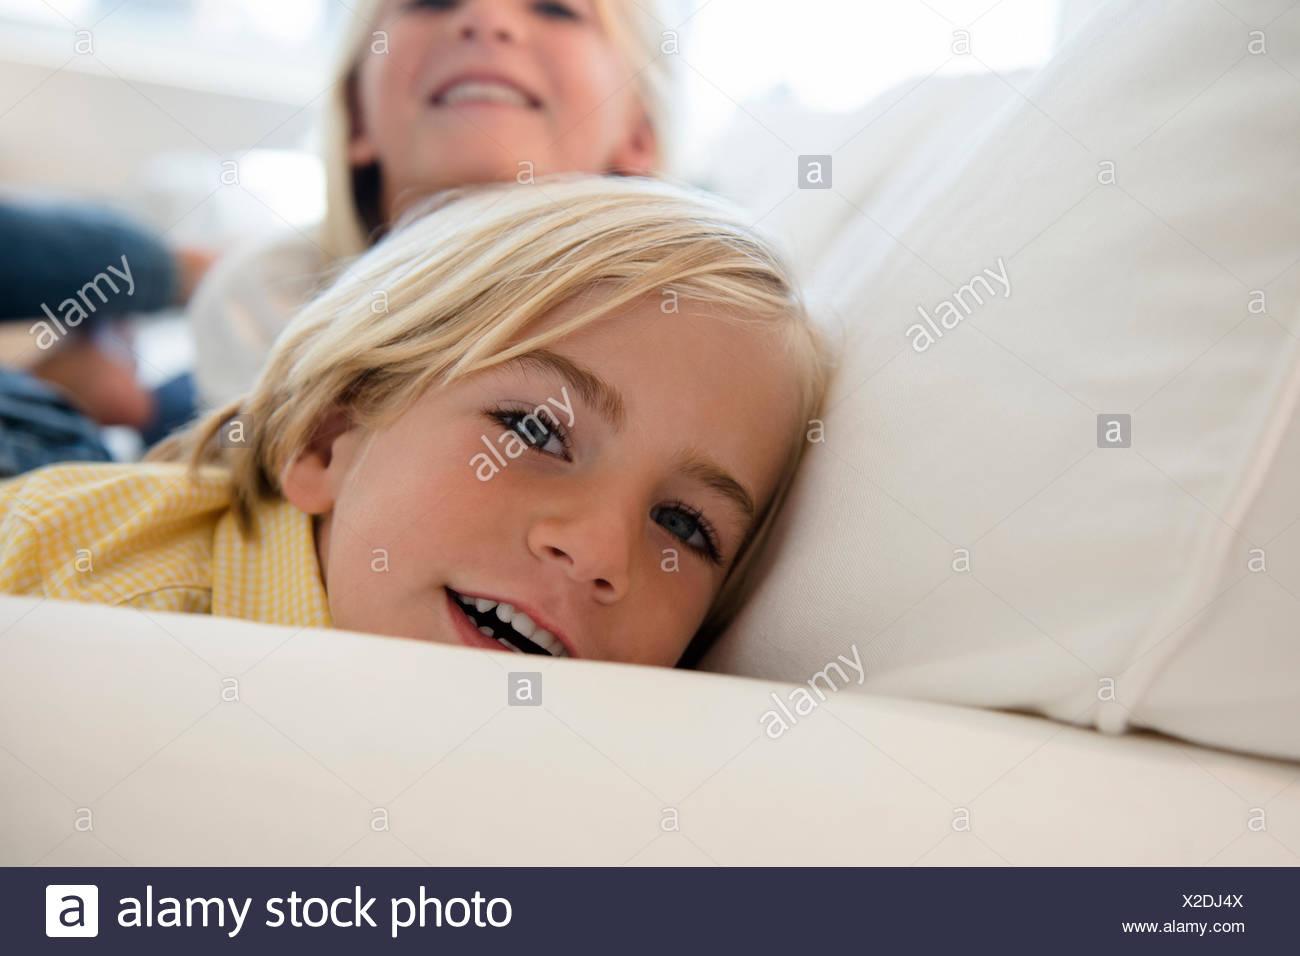 Boy (4-5) and girl (6-7) looking at camera - Stock Image